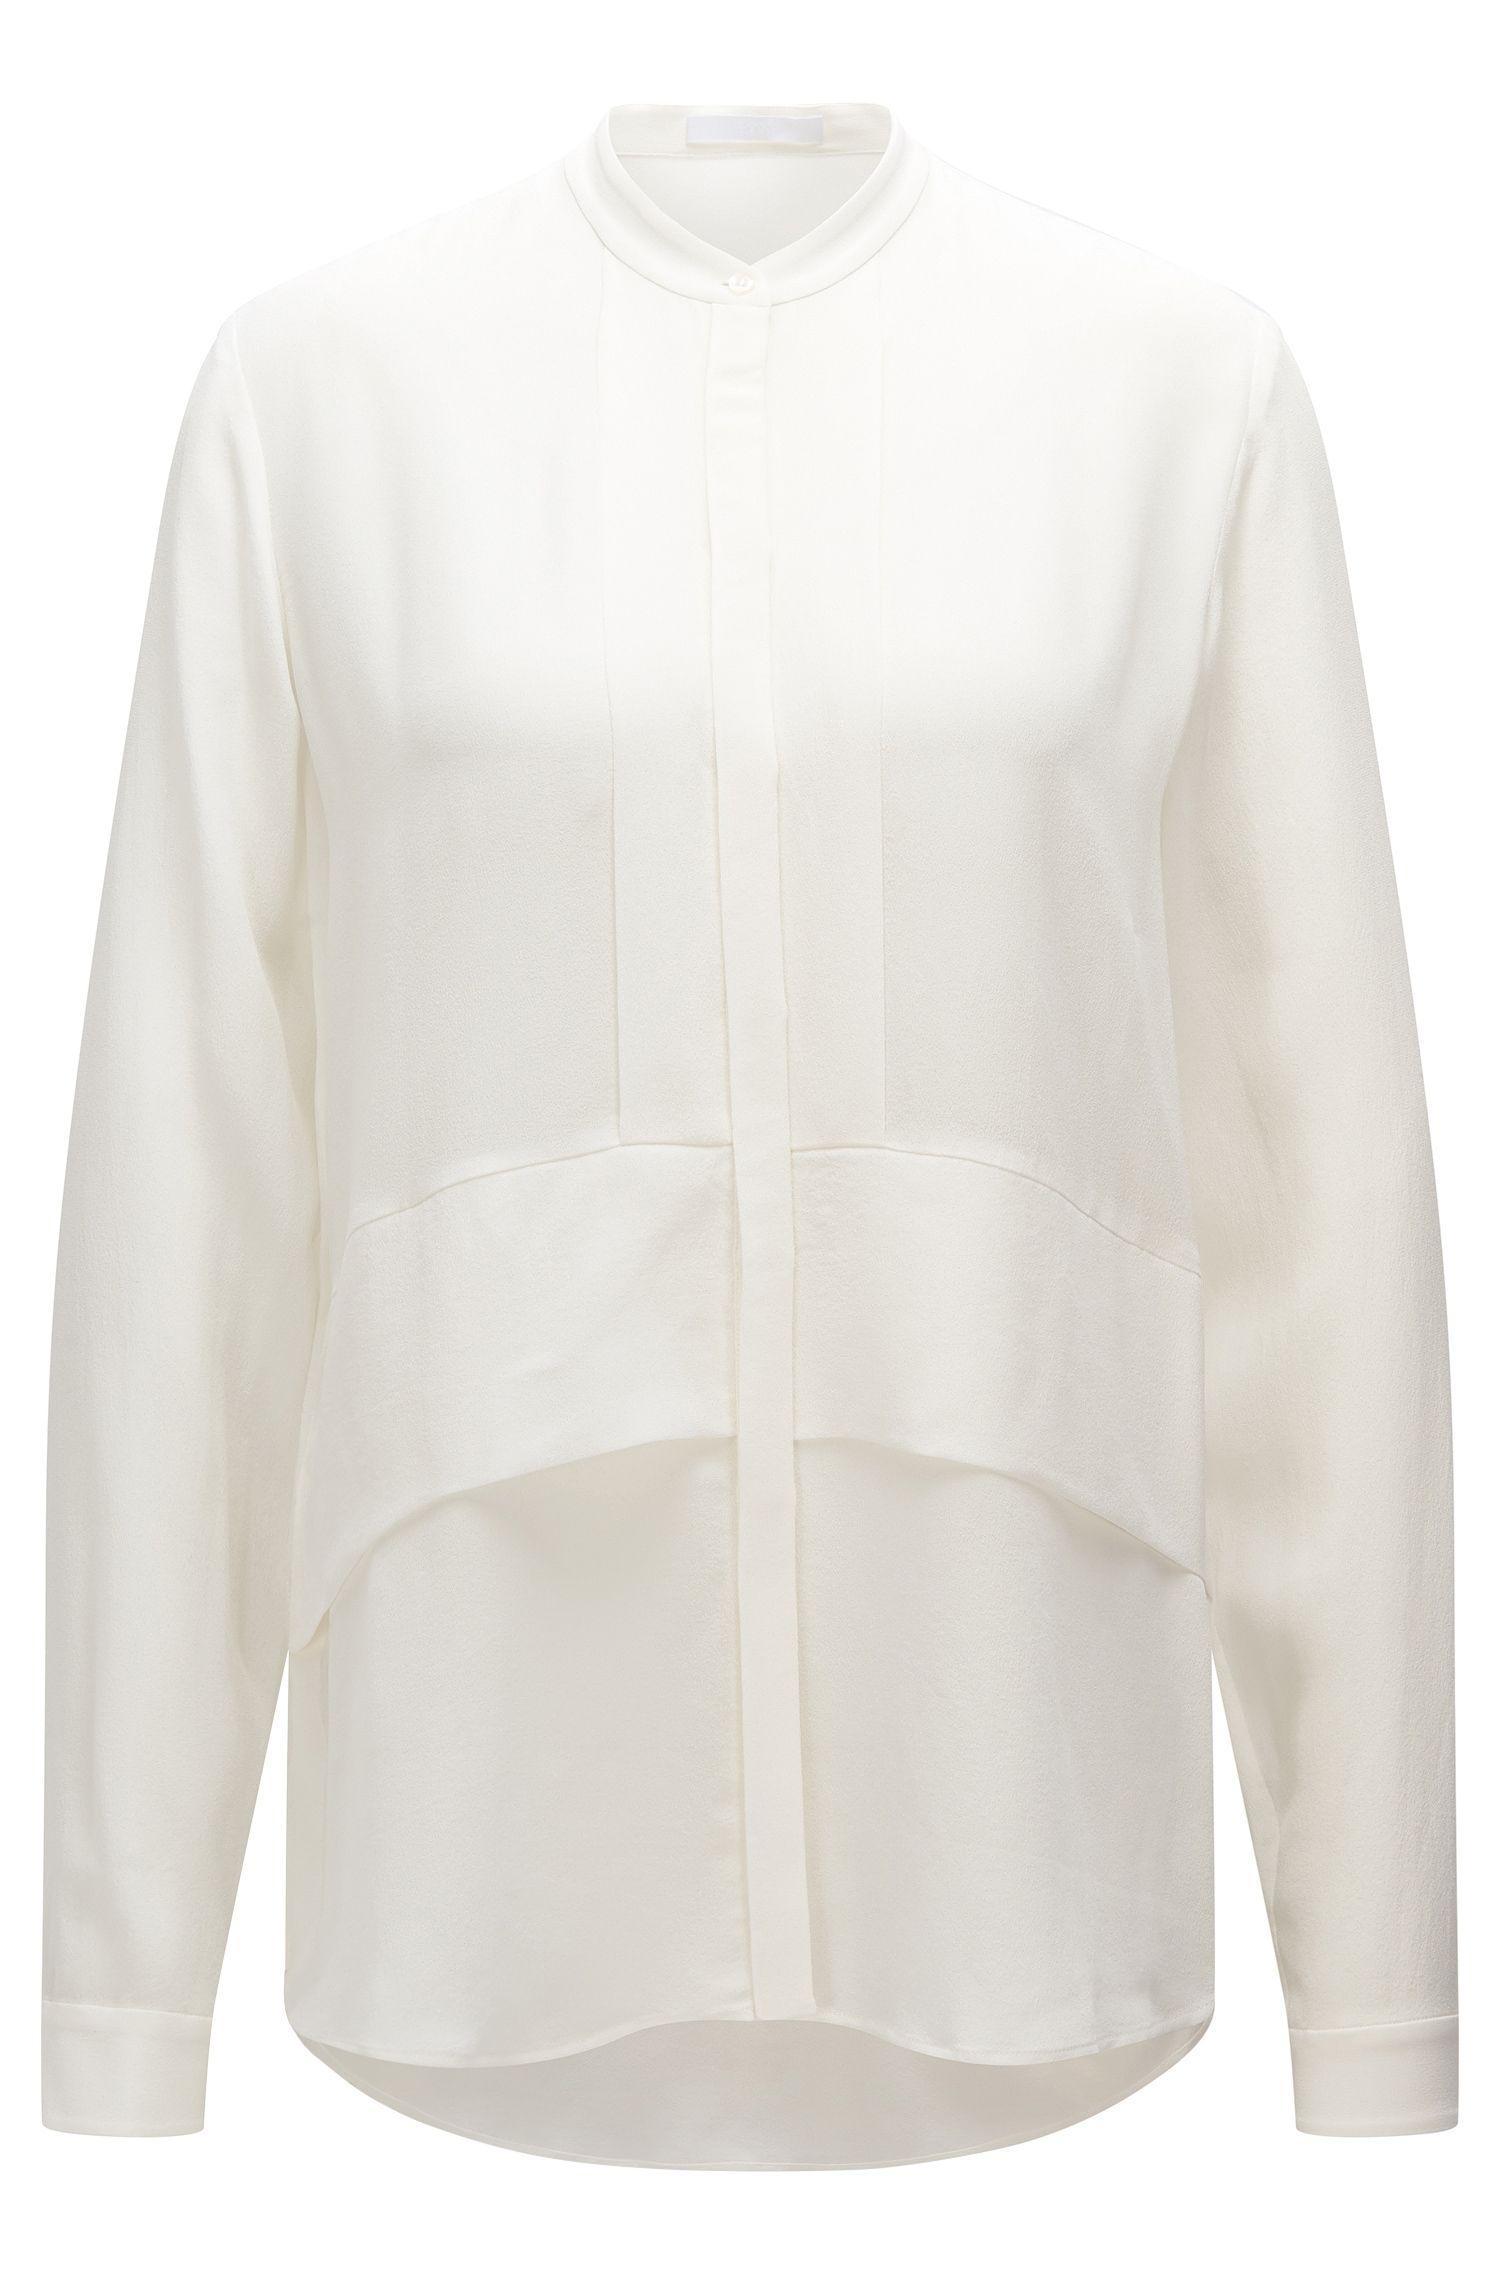 Nauwsluitende blouse van zijde met opstaande kraag: 'Ranenya'